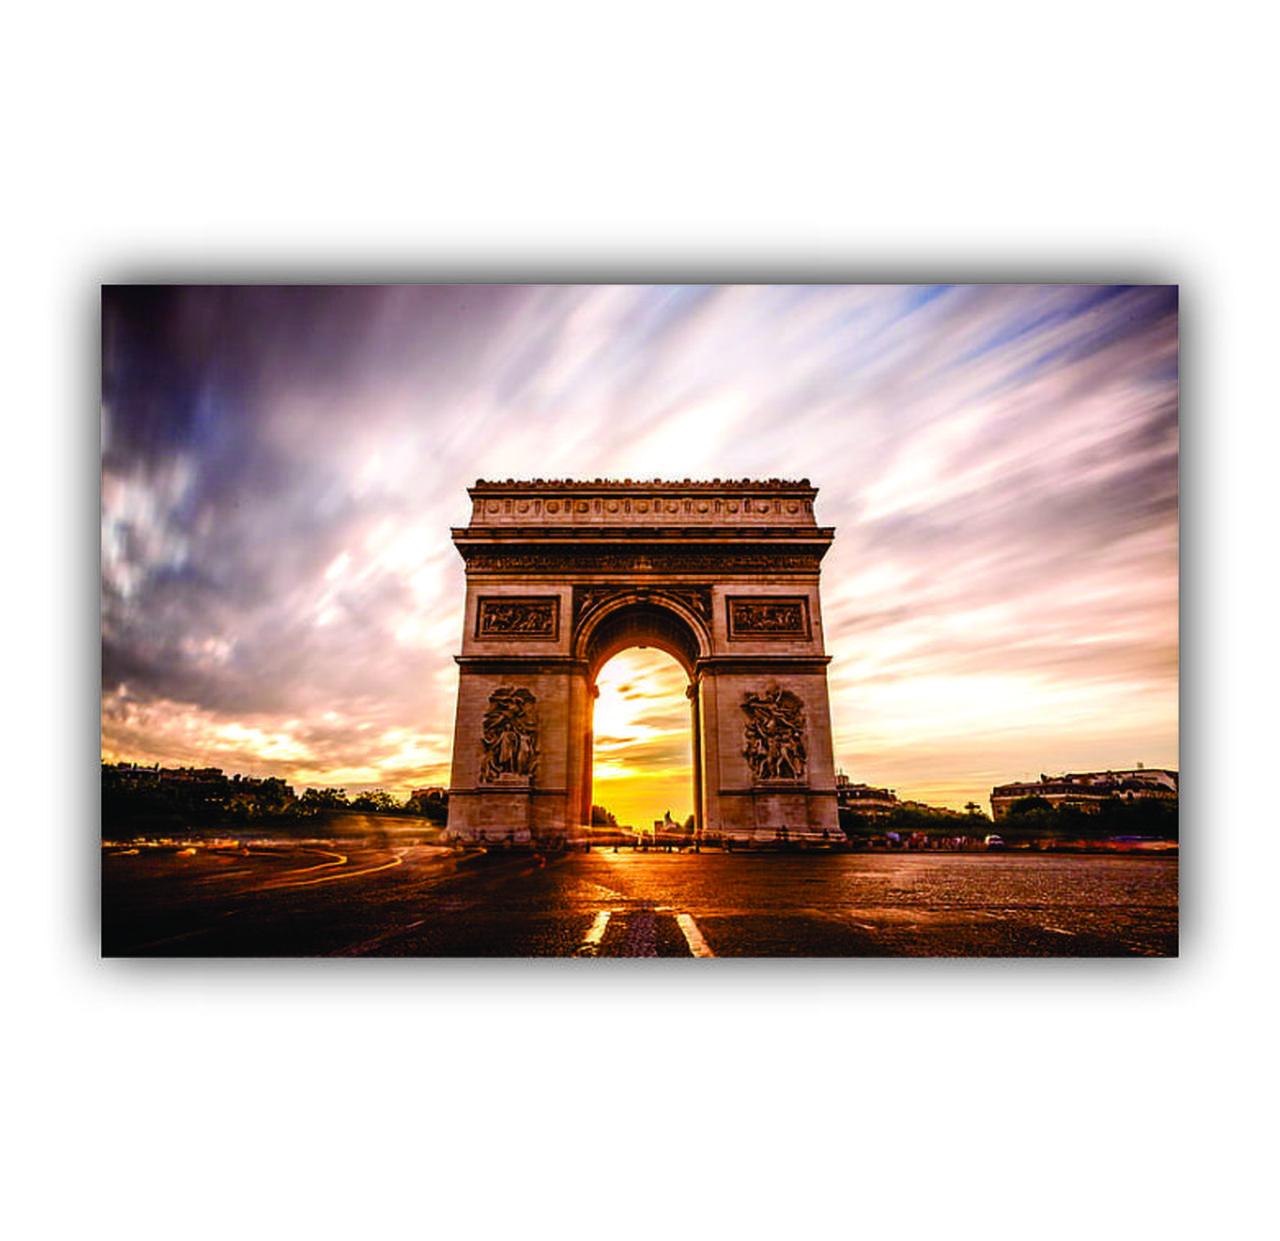 Quadro Arcos do Triunfo França - Tela Única